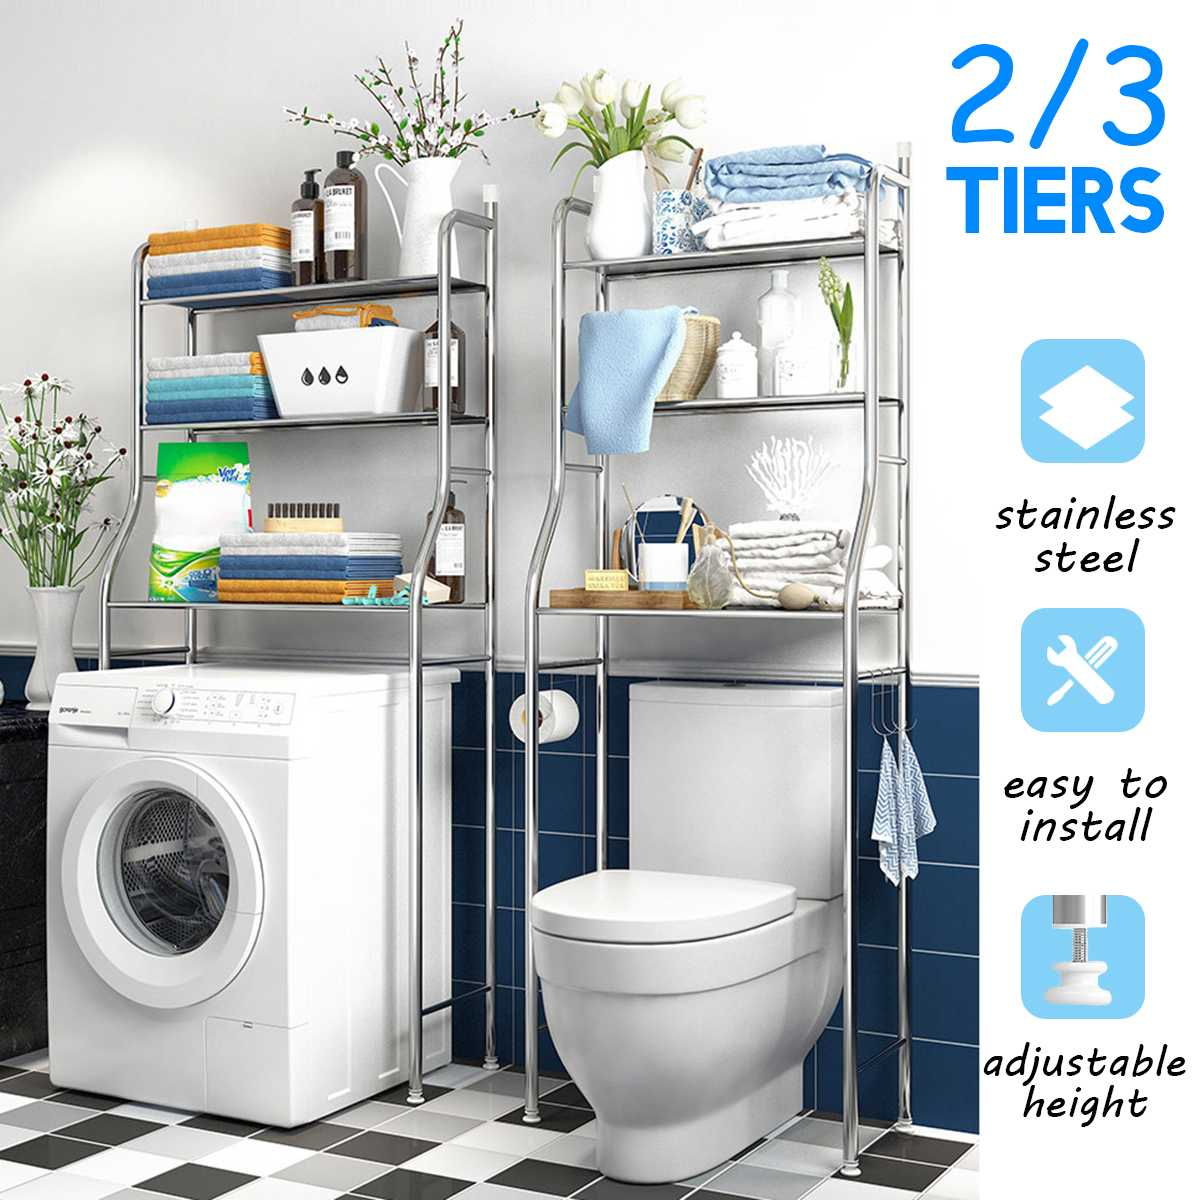 Acier inoxydable sur le support armoire de toilette rayonnage cuisine Machine à laver support salle de bain économiseur d'espace étagère support organisateur